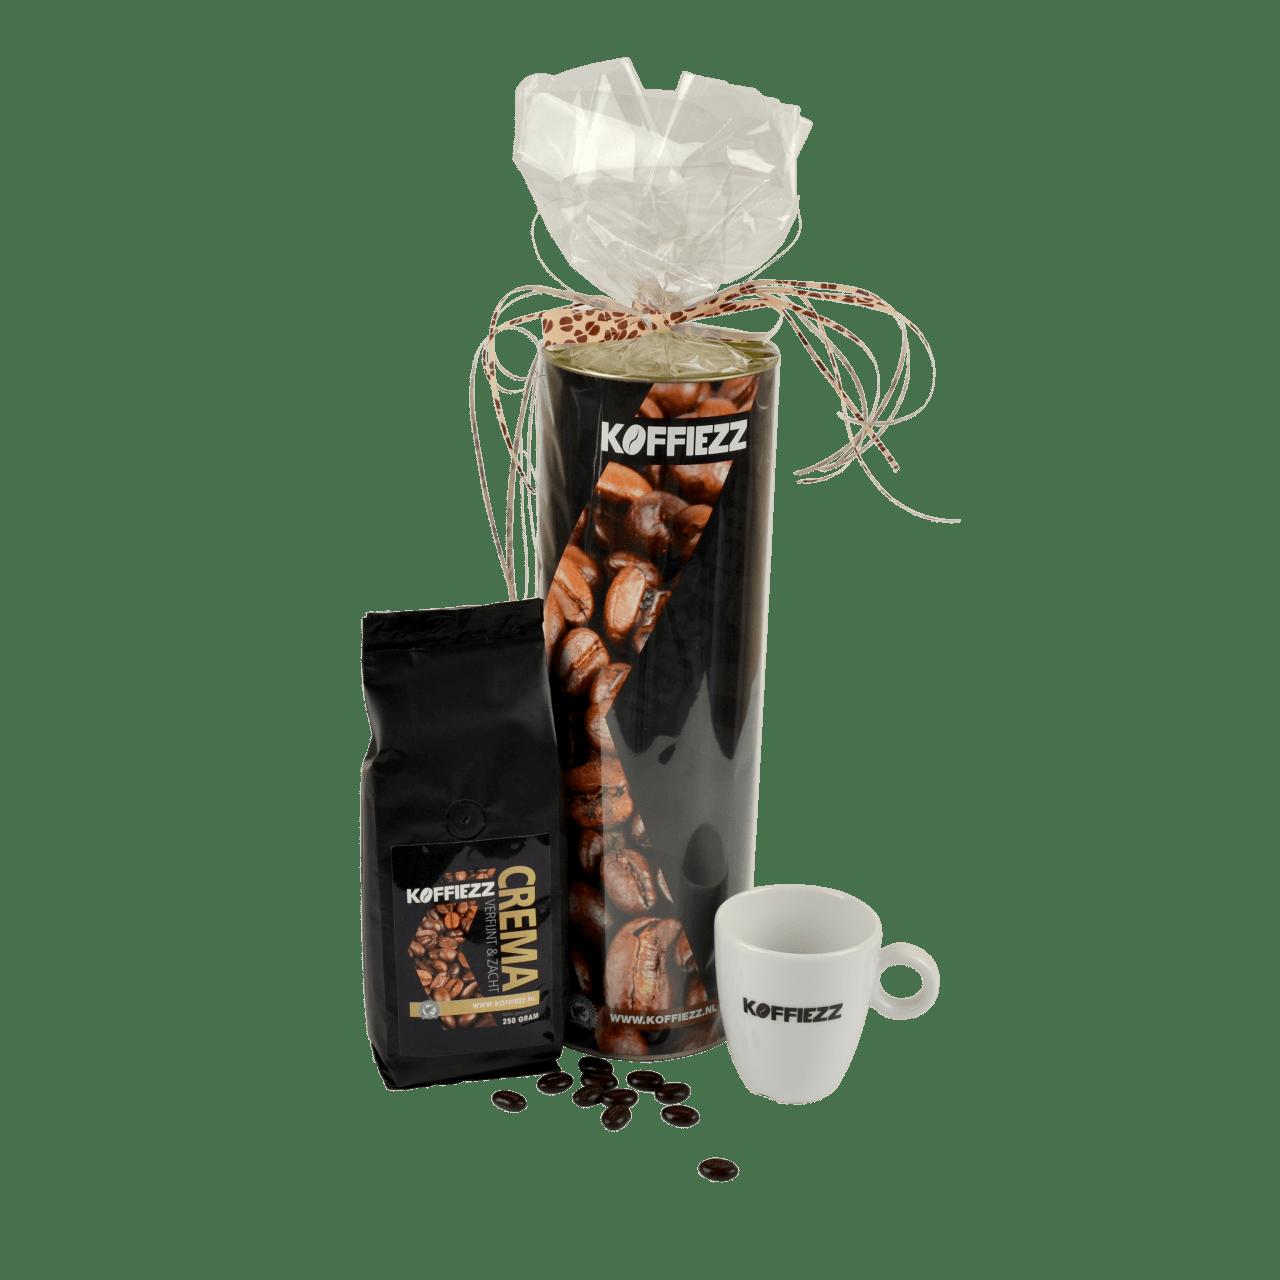 trendy koffiegeschenken